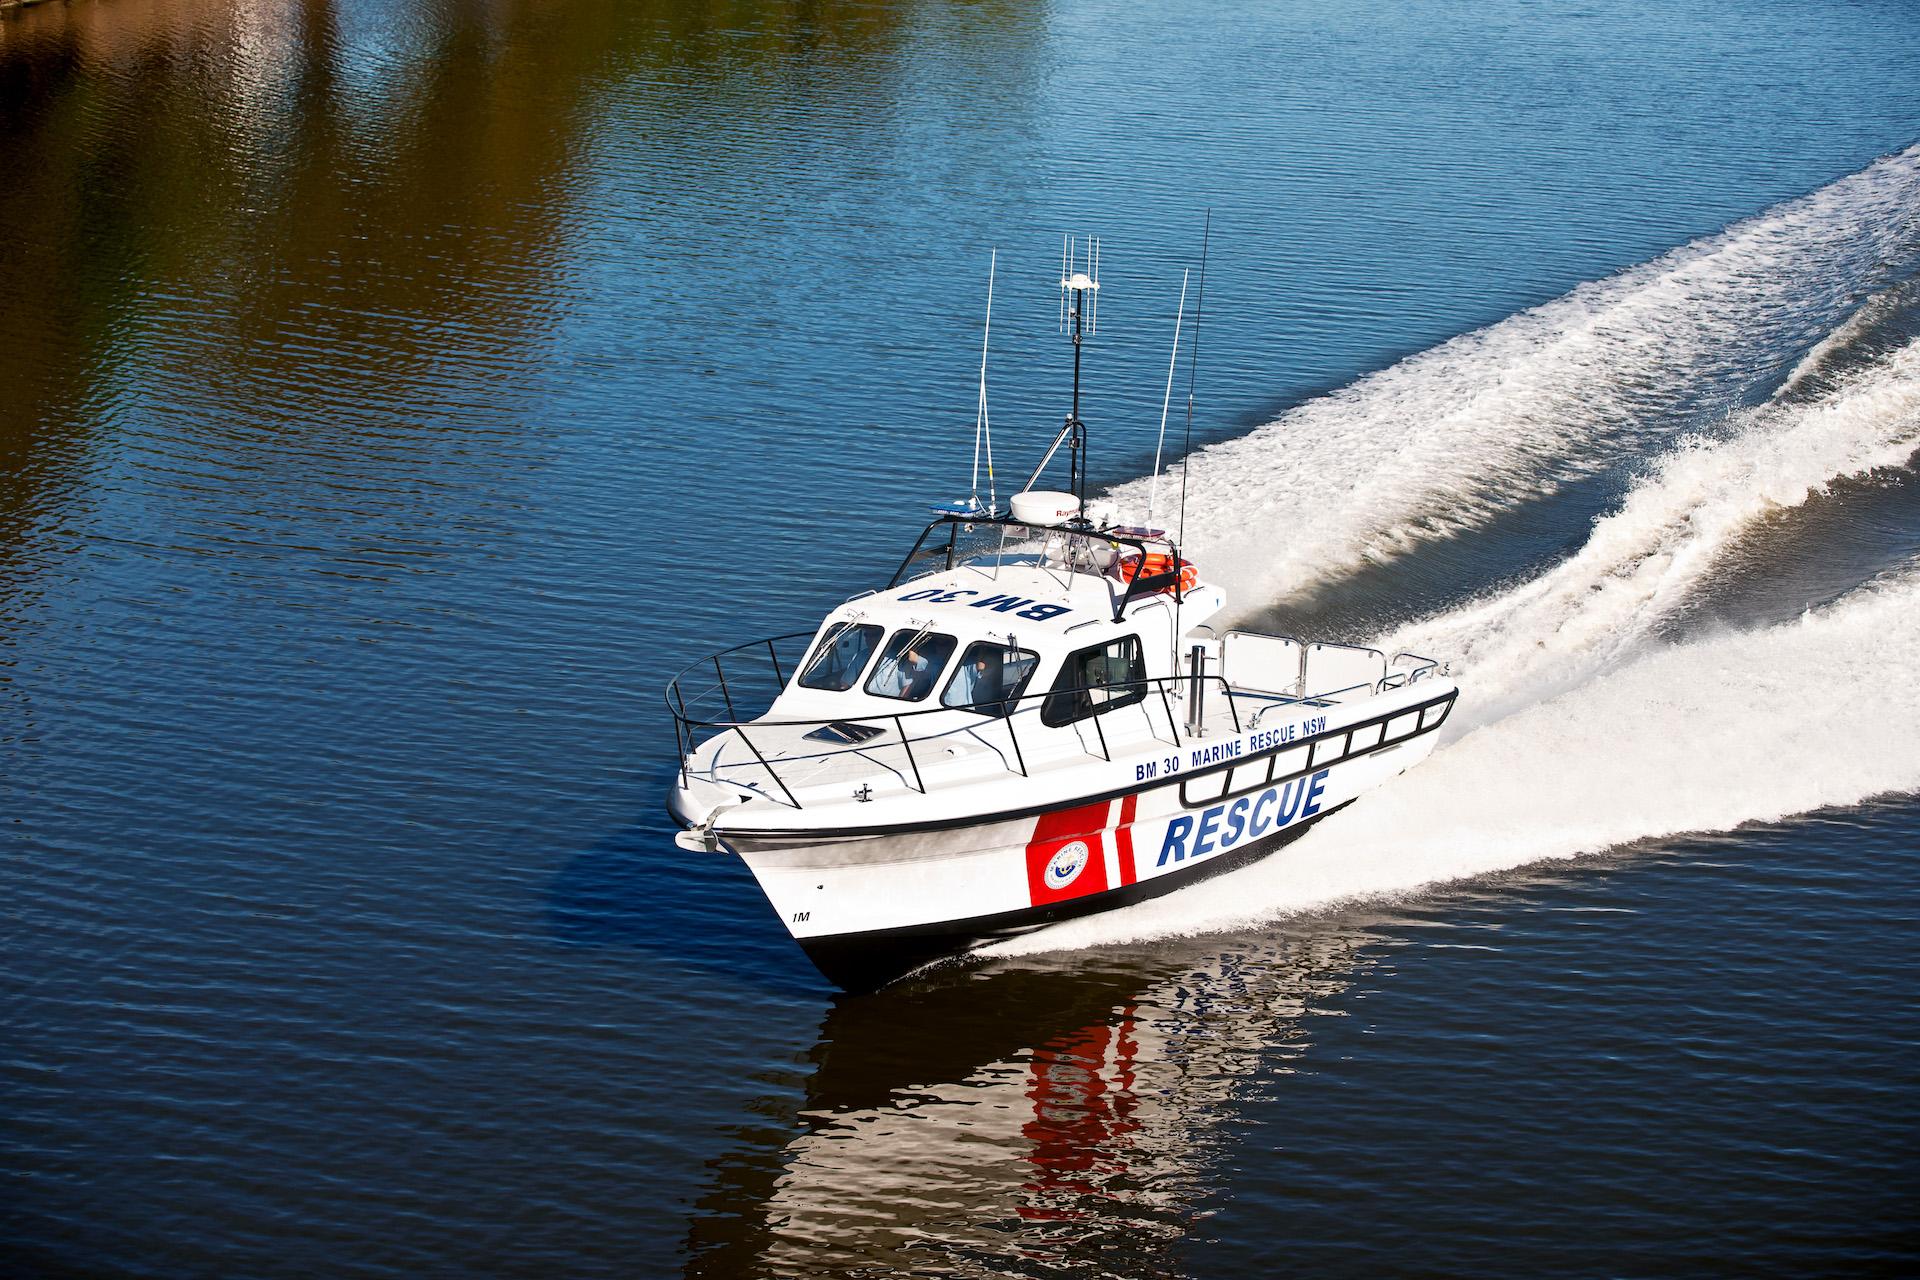 Steber 38 ft Marine Rescue - Batemans Bay, NSW